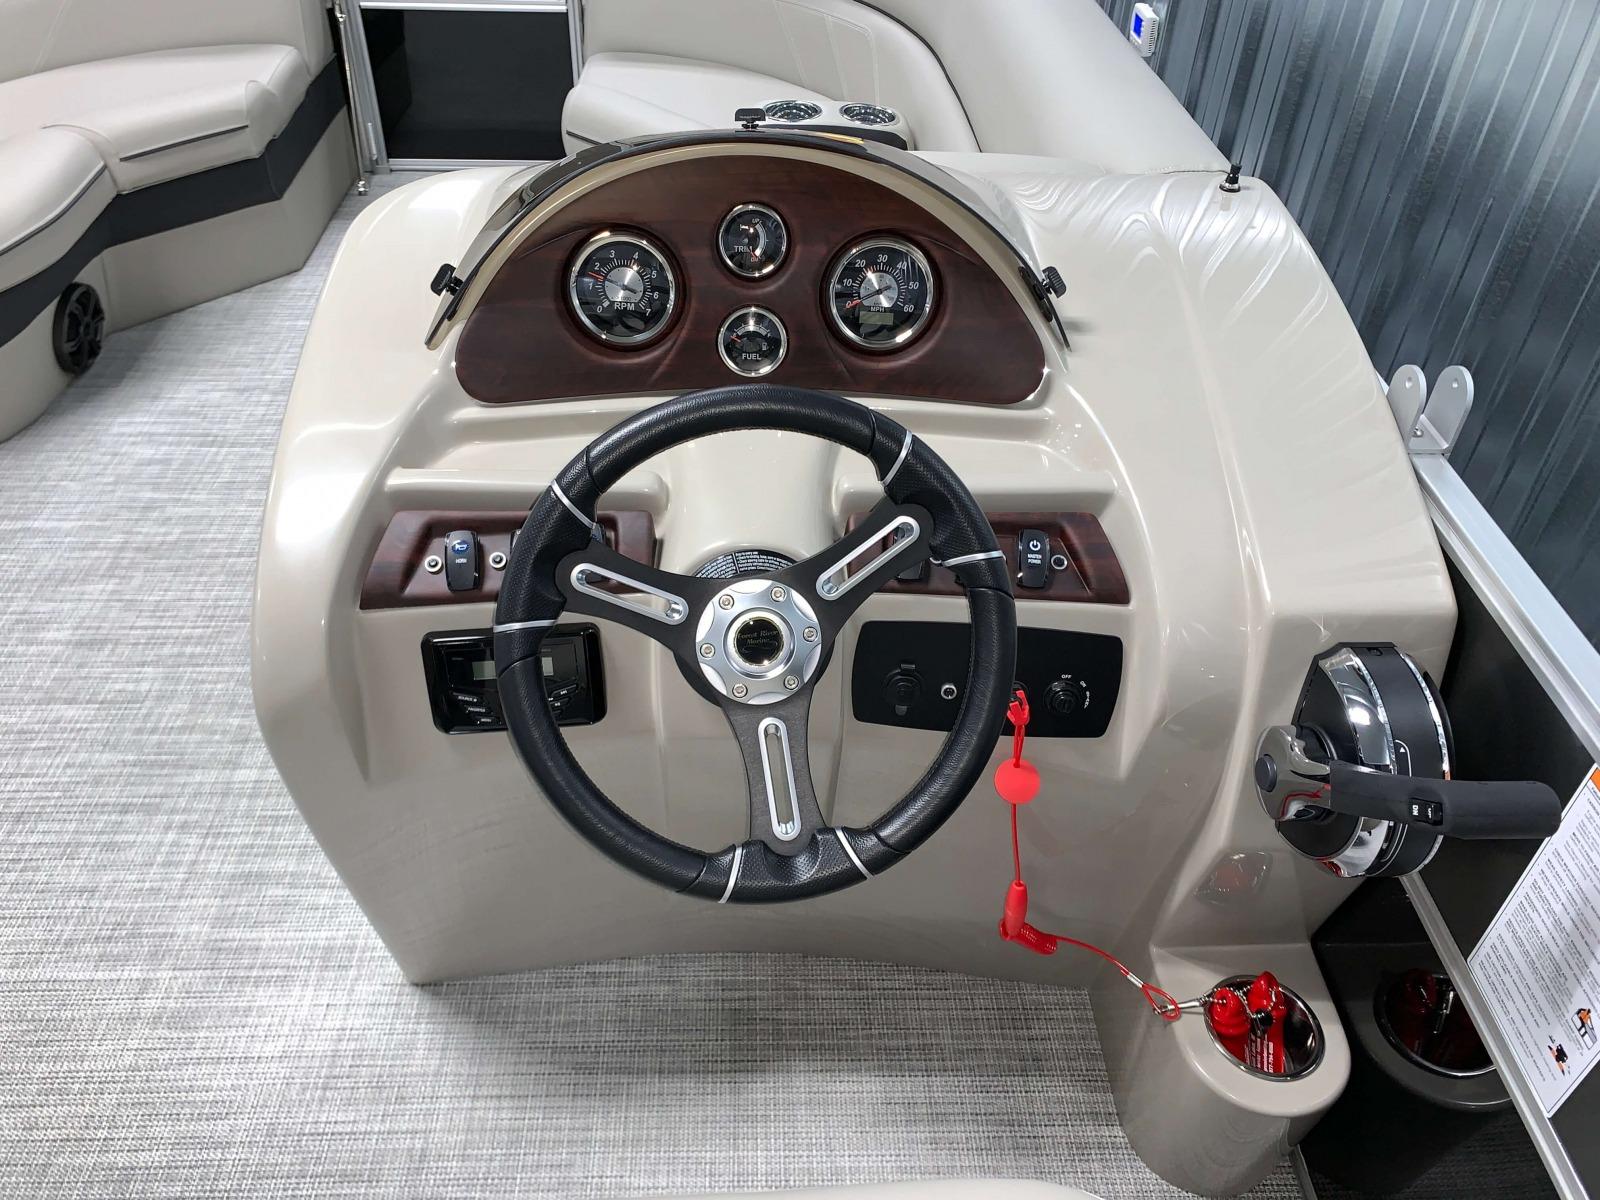 2020-Berkshire-20CL-LE-Pontoon-Drivers-Console-2